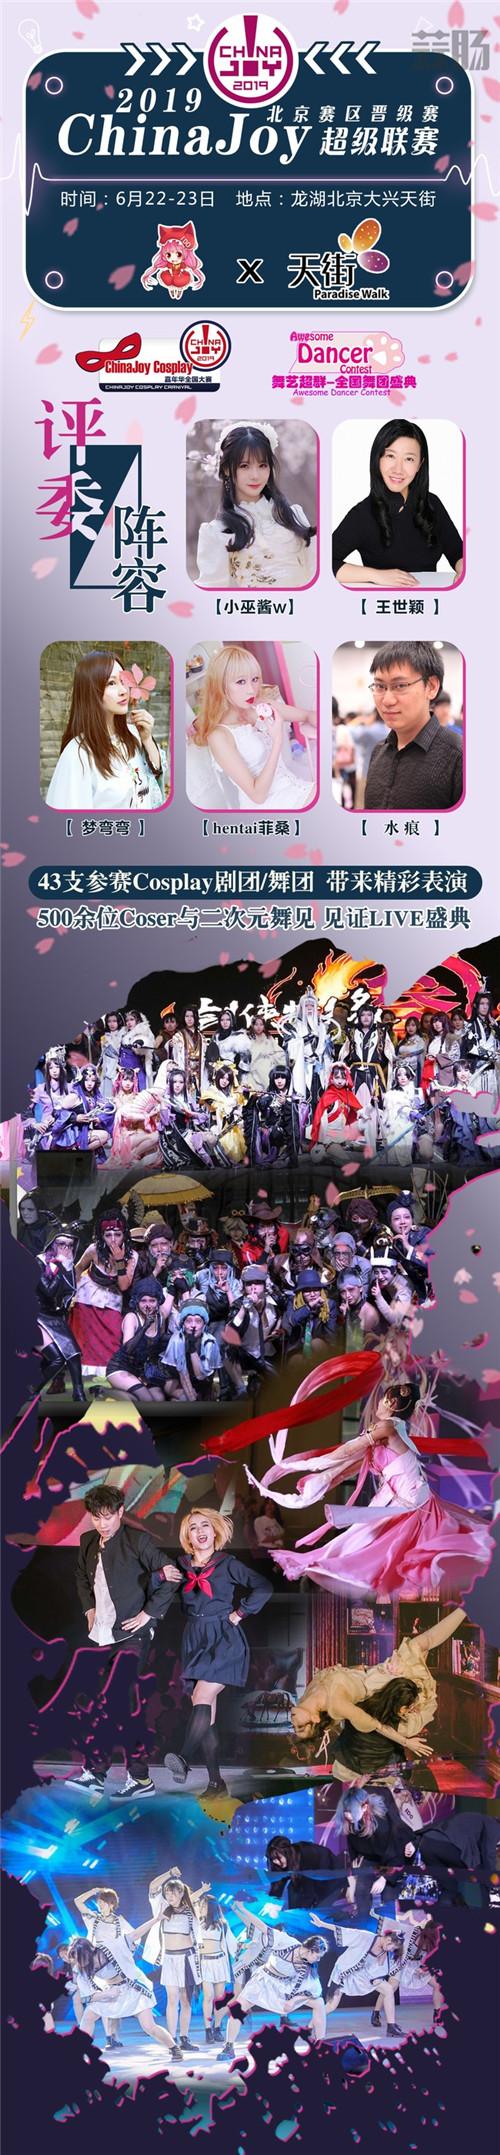 【IDO漫展×CJ】距CJ北京赛区晋级赛还有3天!大家准备好了吗? 漫展 第1张